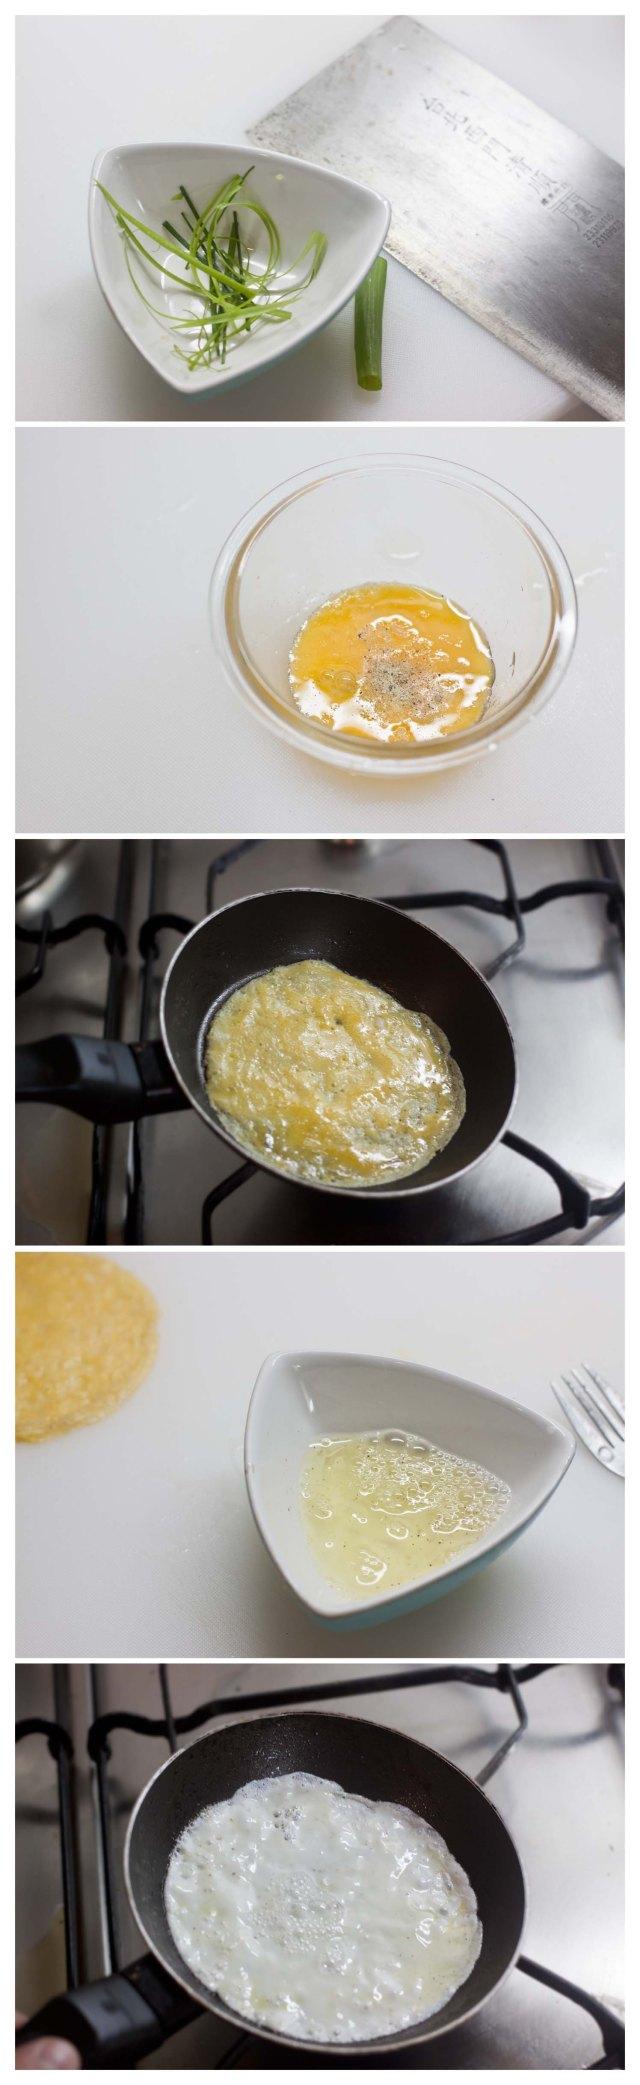 Se corta el tallo de la cebolleta y se hacen tortillas de yema y clara de huevo